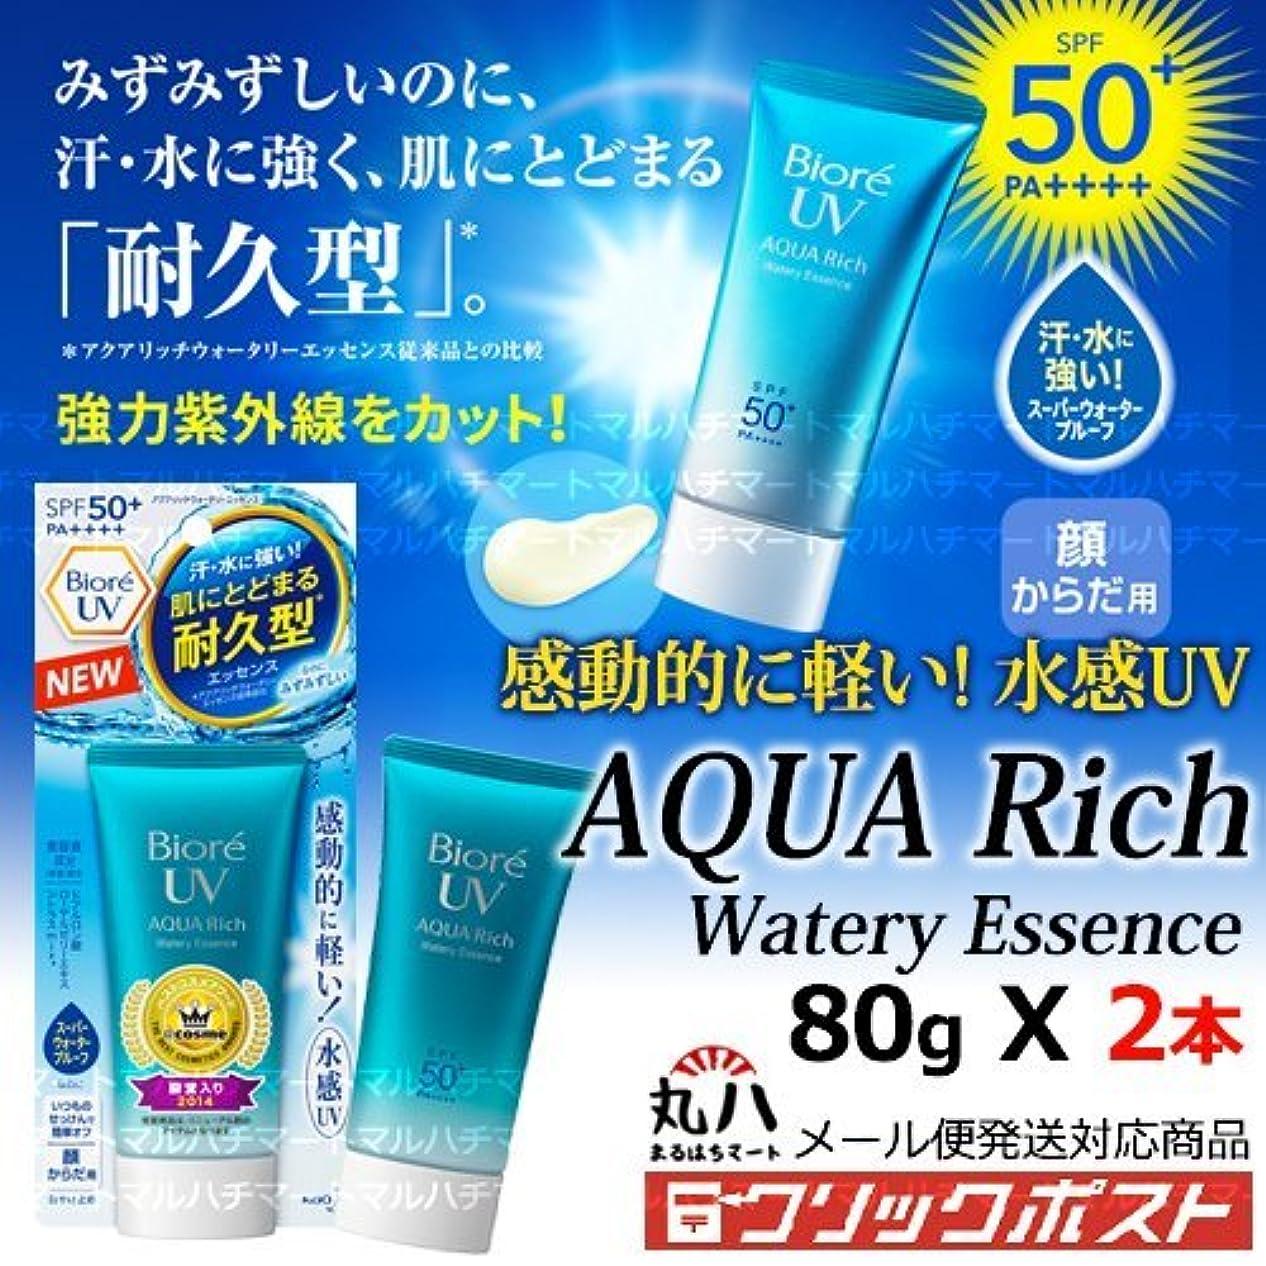 ウイルスインフレーションオゾンビオレ UV アクアリッチ ウォータリーエッセンス 80g X 2本